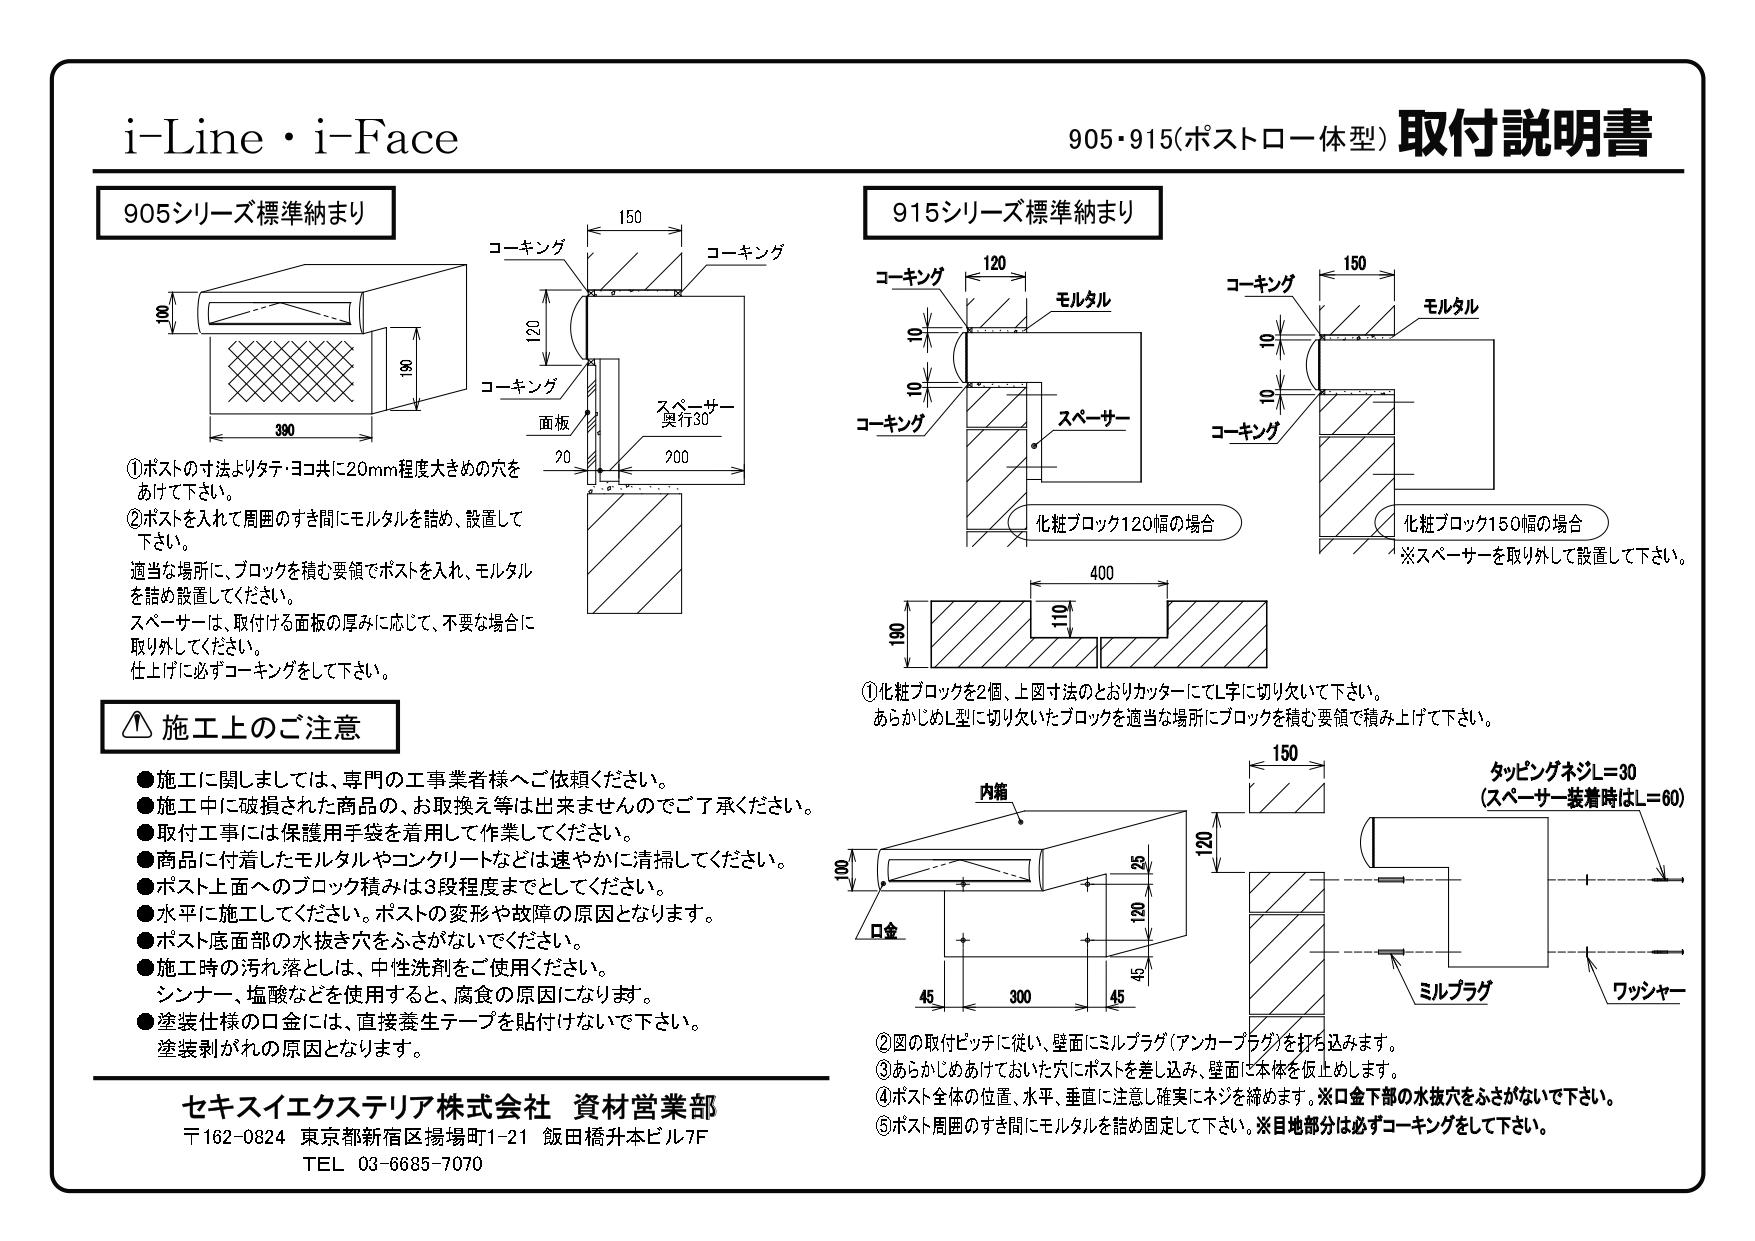 アイライン タイプC 施工説明書_page-0005